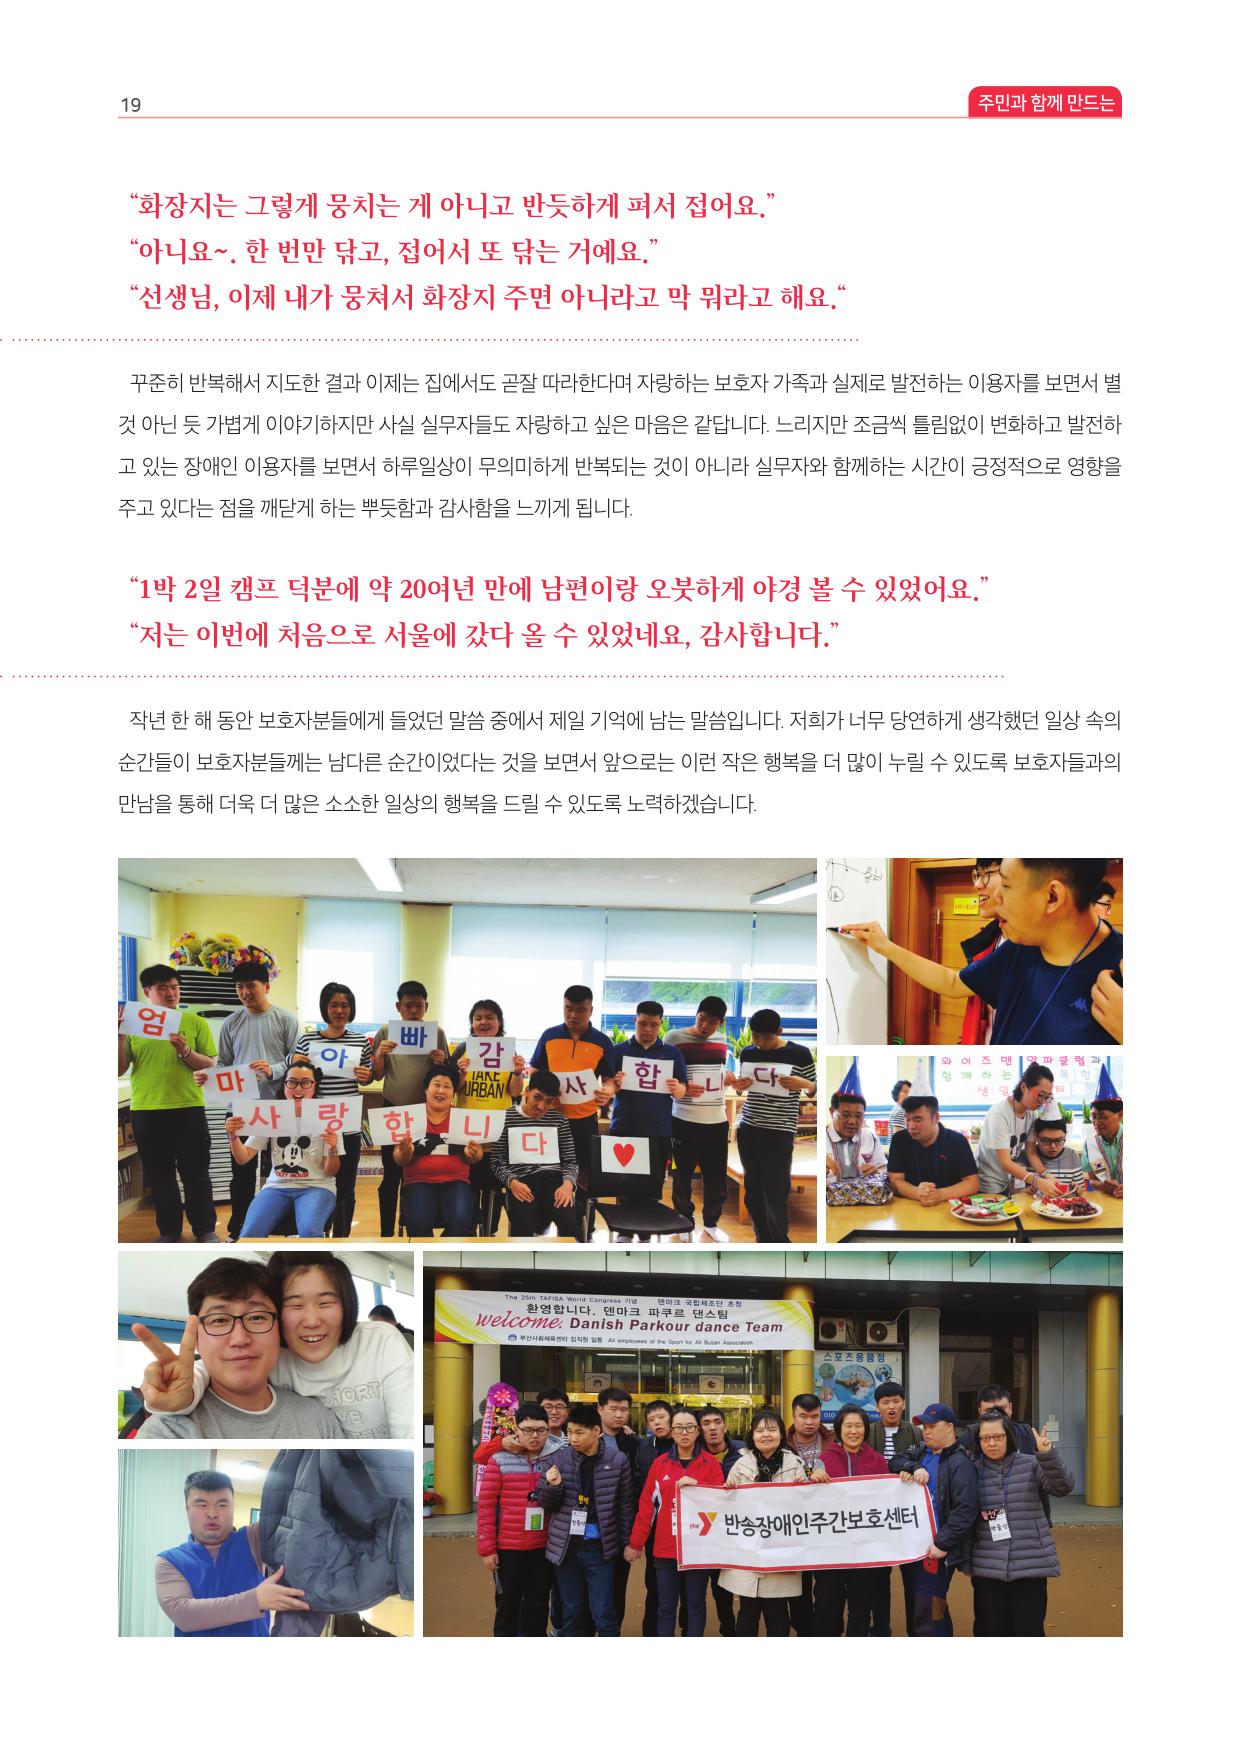 반송종합사회복지관연간소식지(2017)-19.jpg